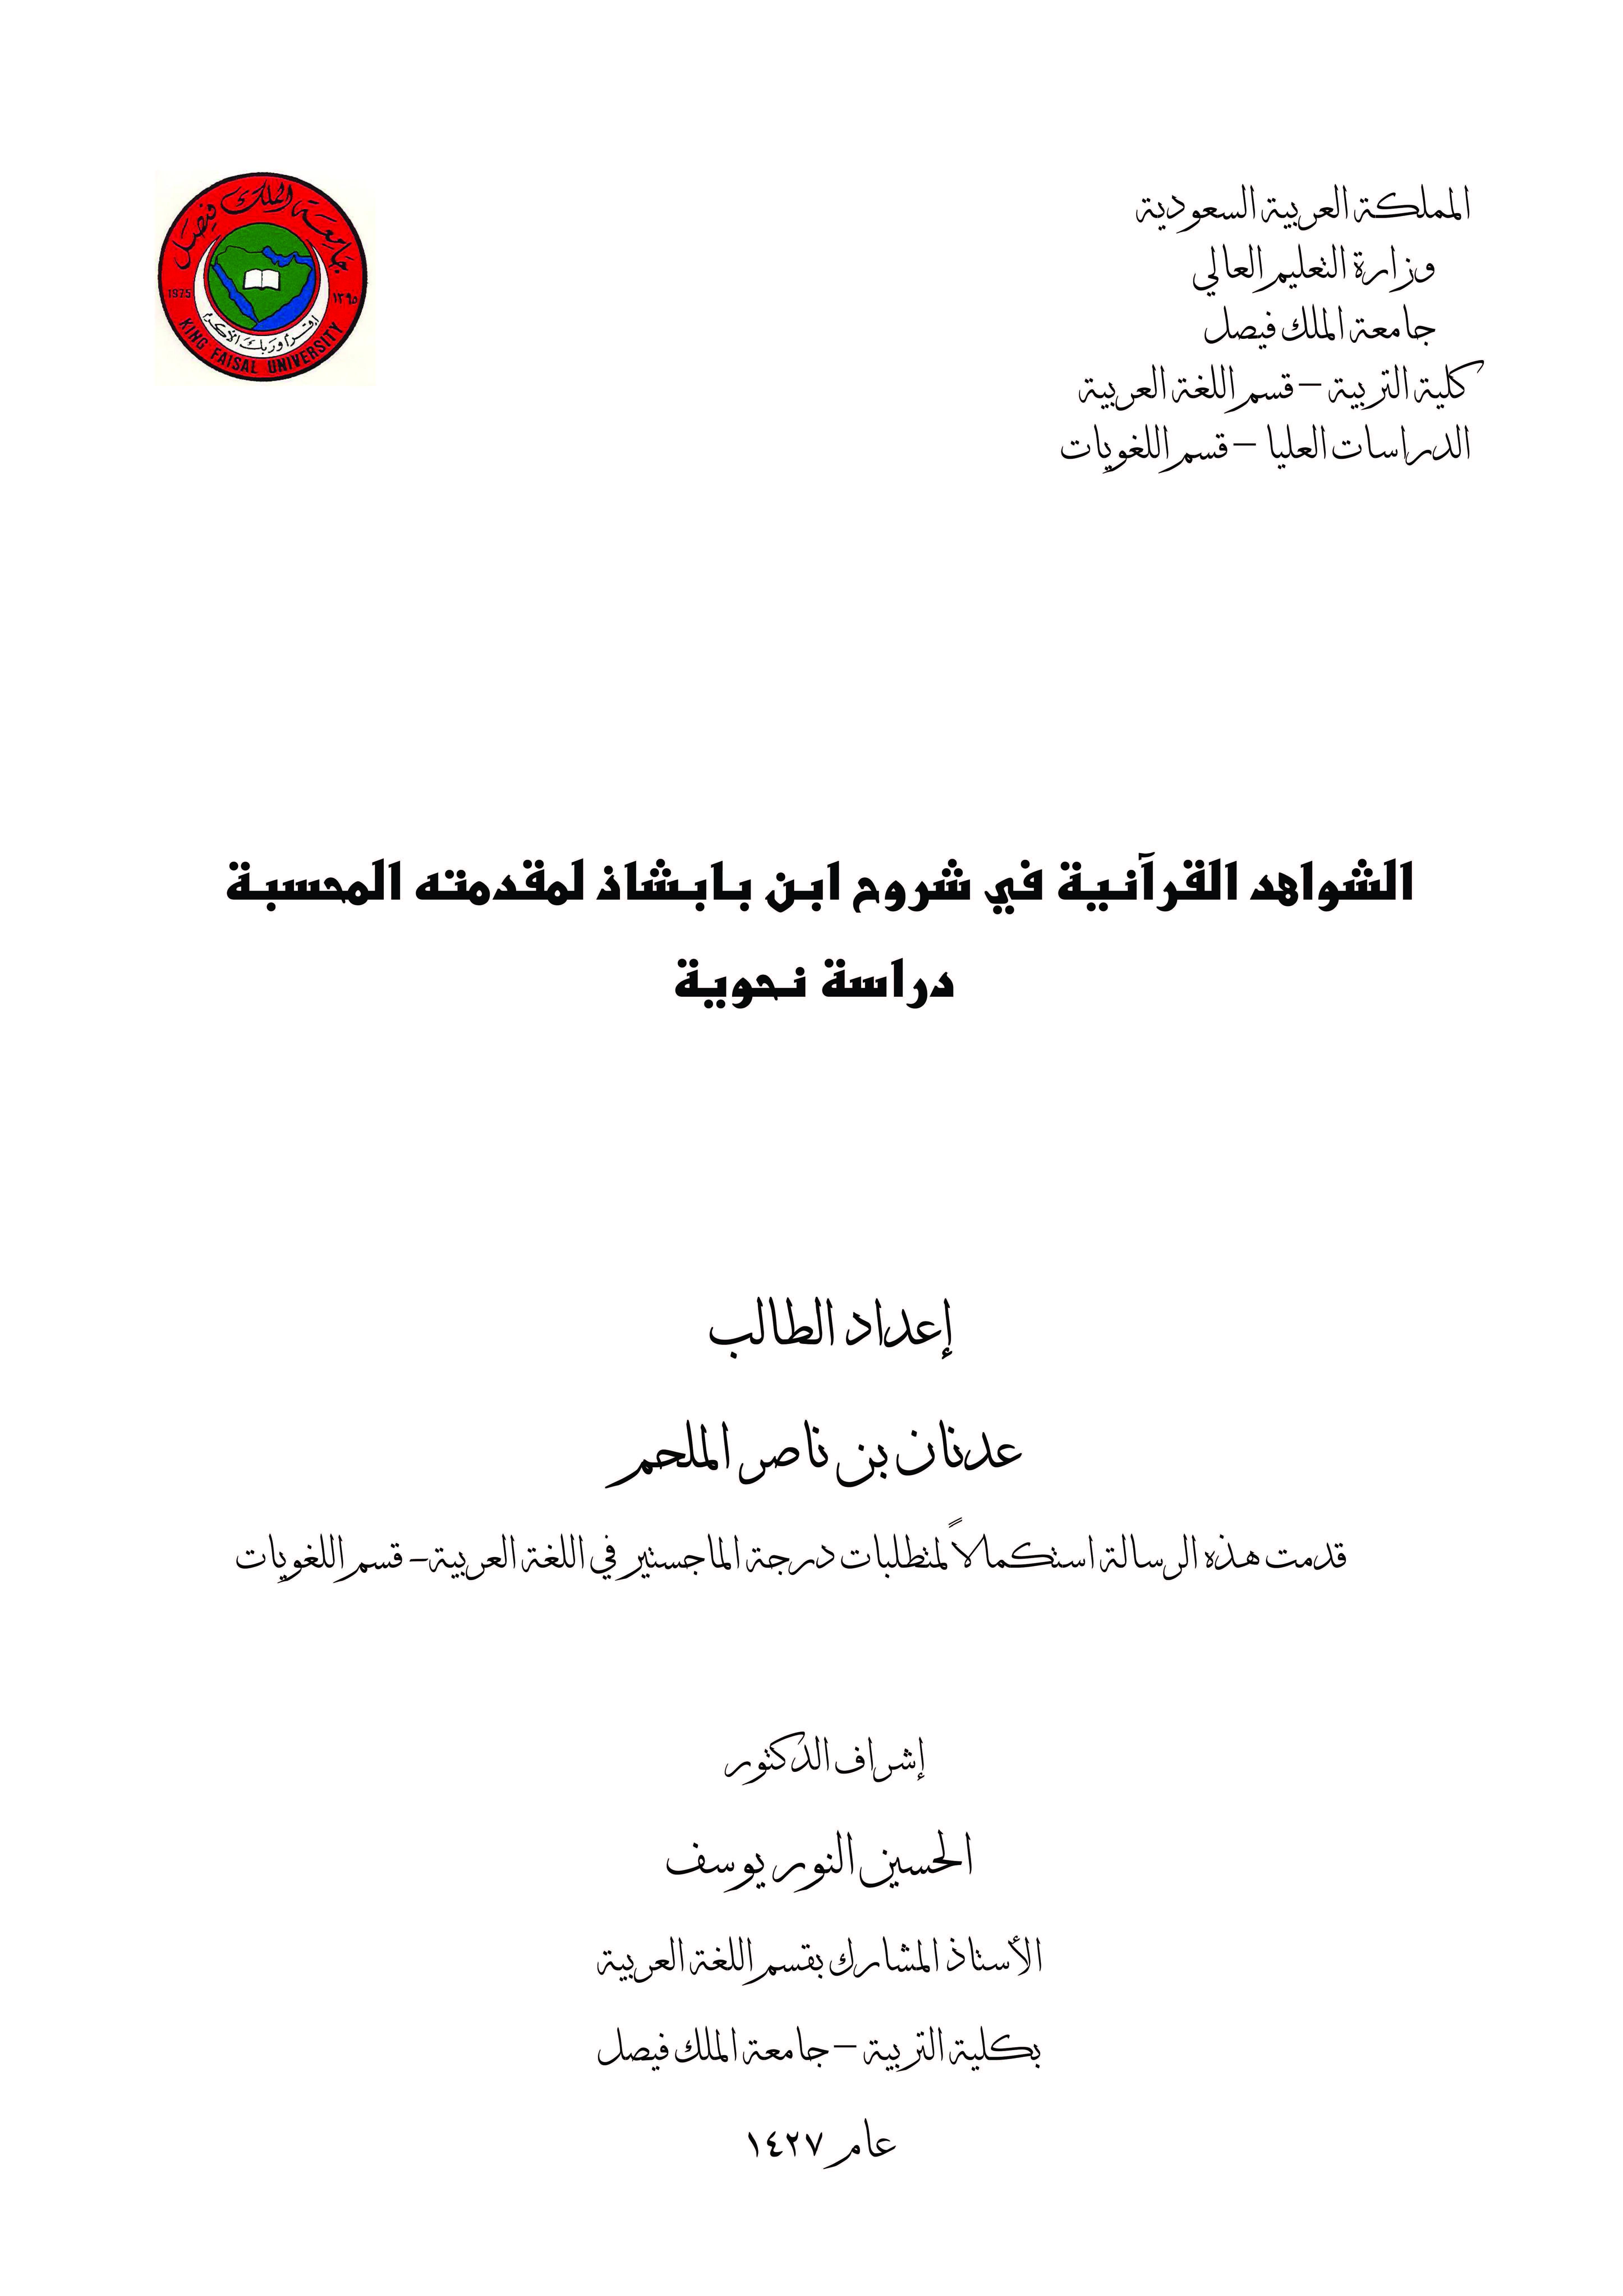 تحميل كتاب الشواهد القرآنية في شروح ابن بابشاذ لمقدمته المحسبة (دراسة نحوية) لـِ: الدكتور عدنان بن ناصر الناصر الملحم